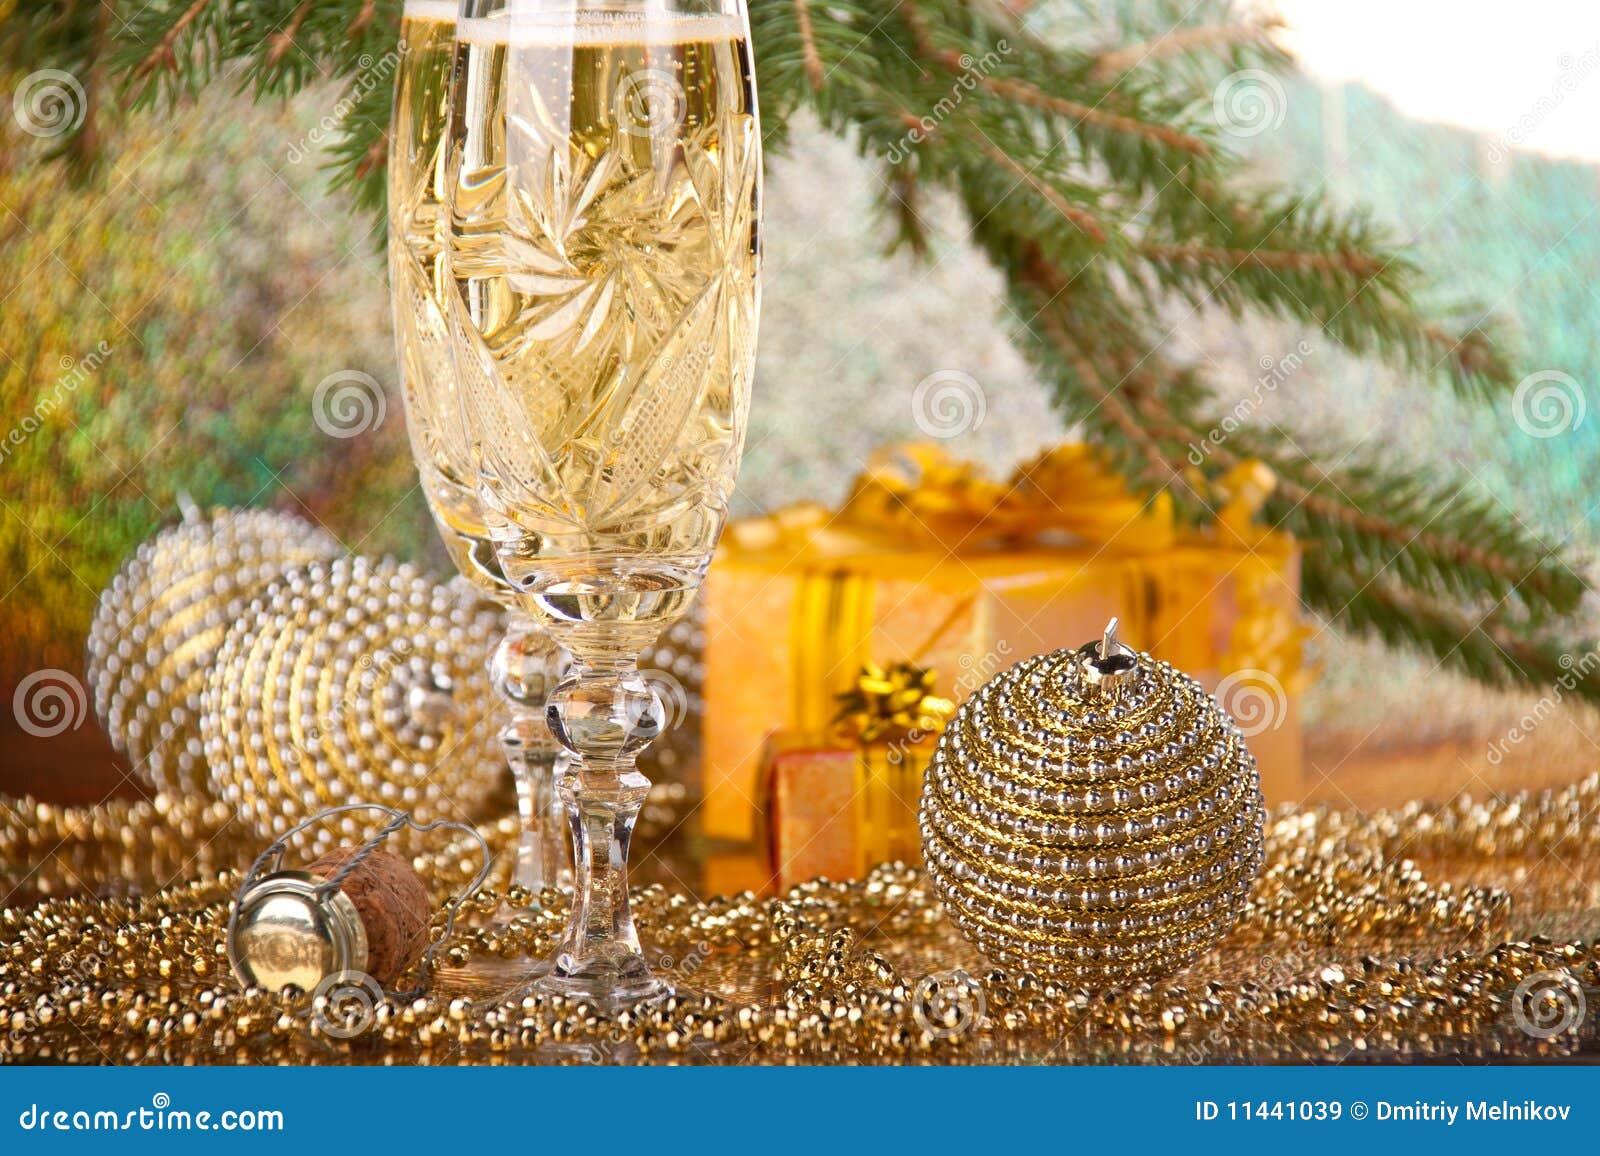 De decoratie van het nieuwjaar en van kerstmis royalty vrije stock afbeeldingen afbeelding - Decoratie van de kamers van de meiden ...